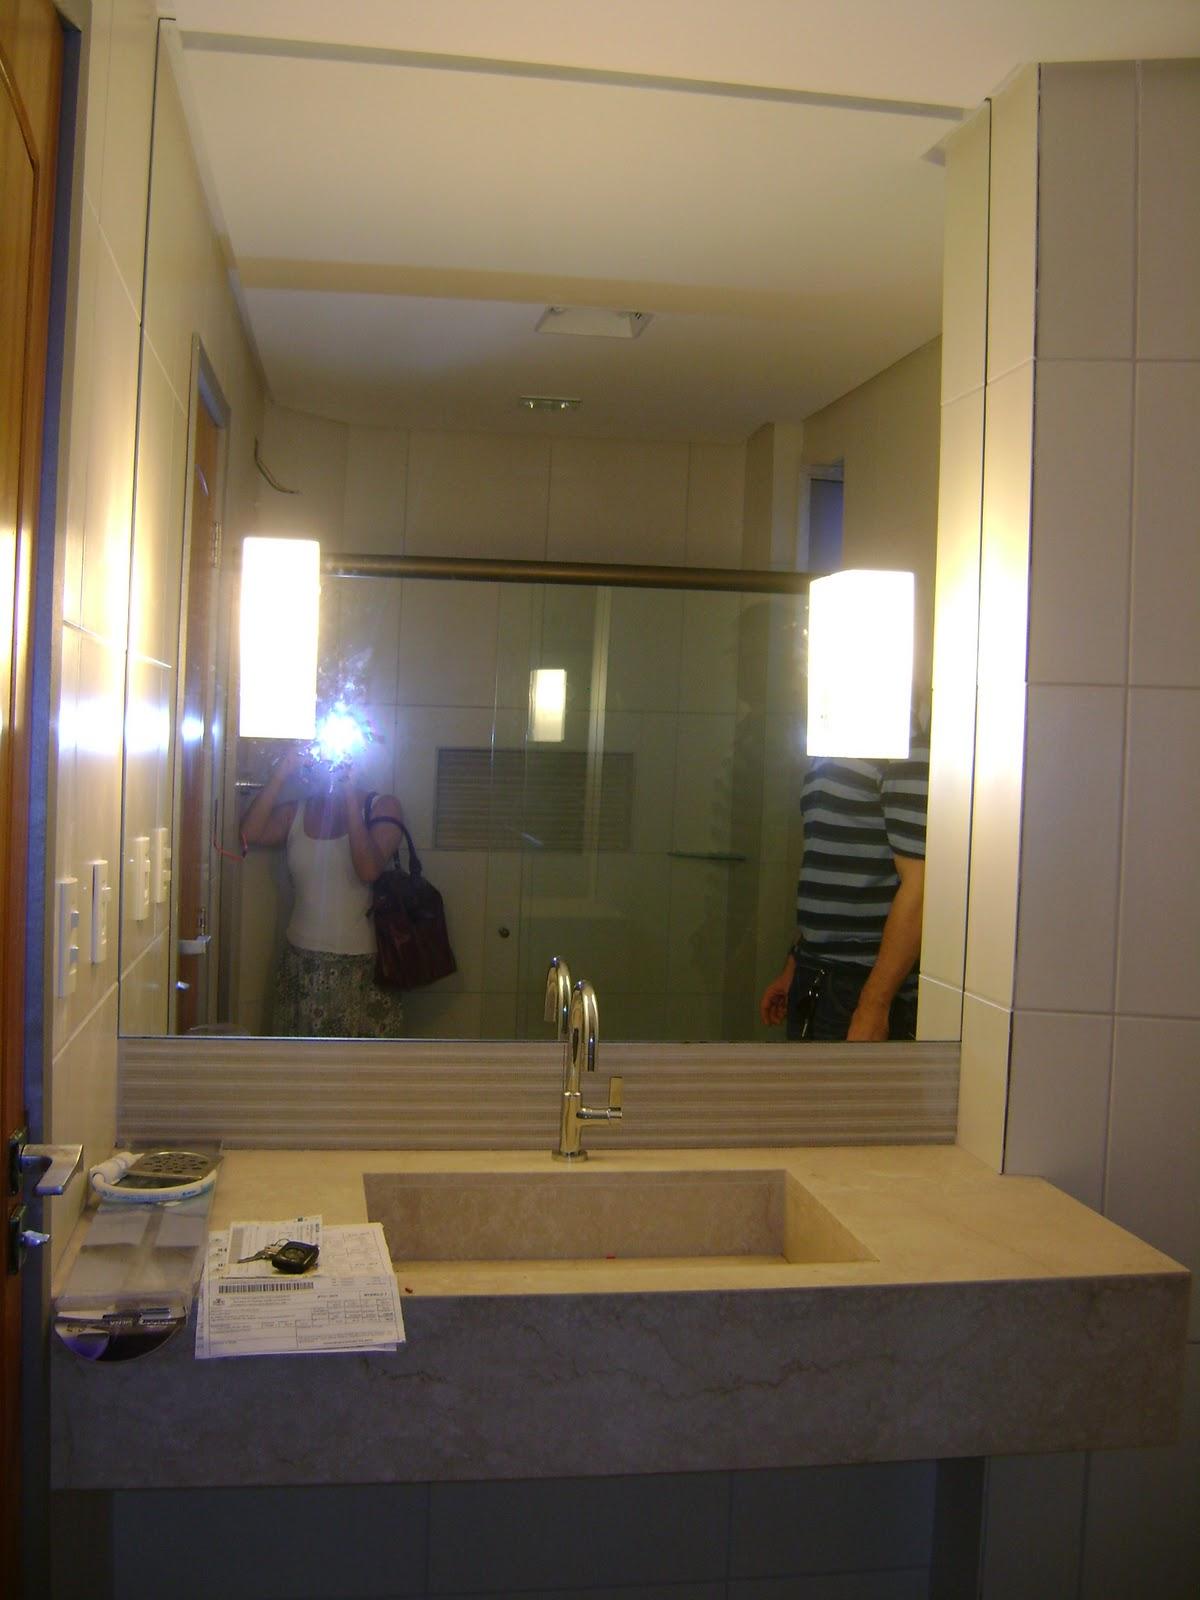 quinta feira 2 de fevereiro de 2012 #8F803C 1200x1600 Balança De Banheiro Como Usar